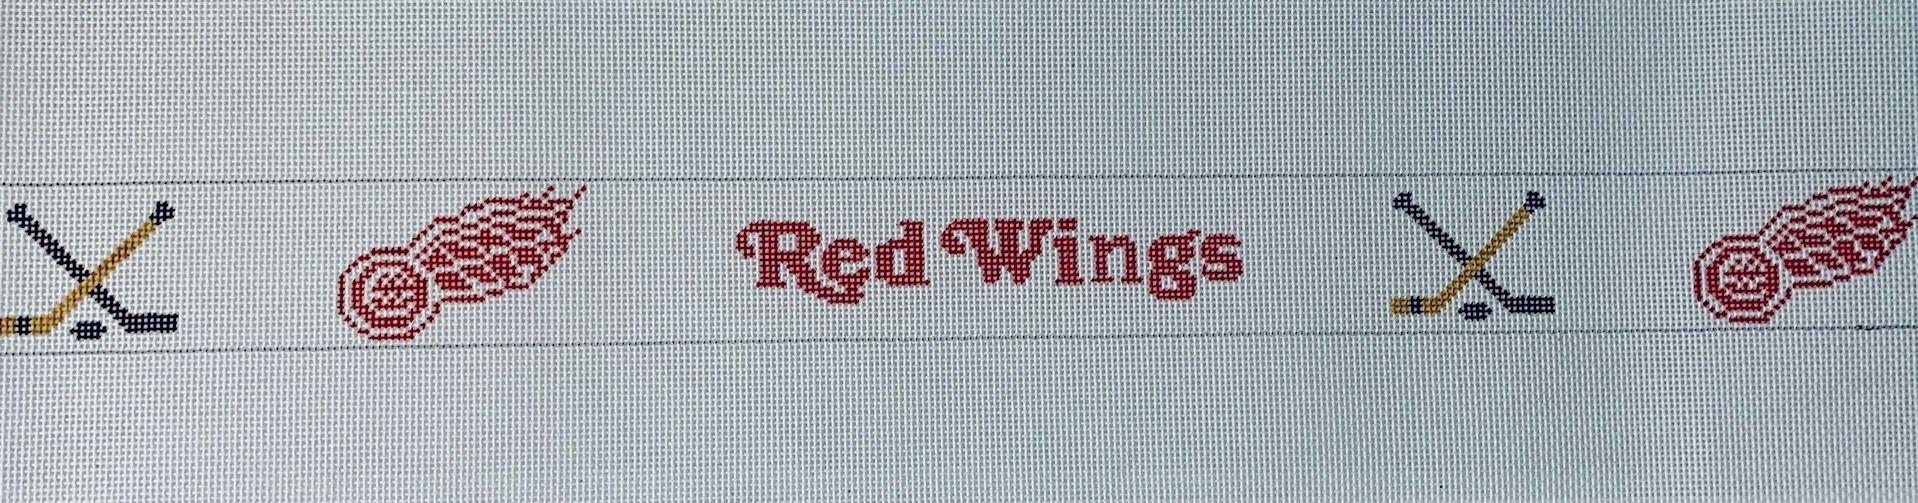 Detroit Red Wings BSK979